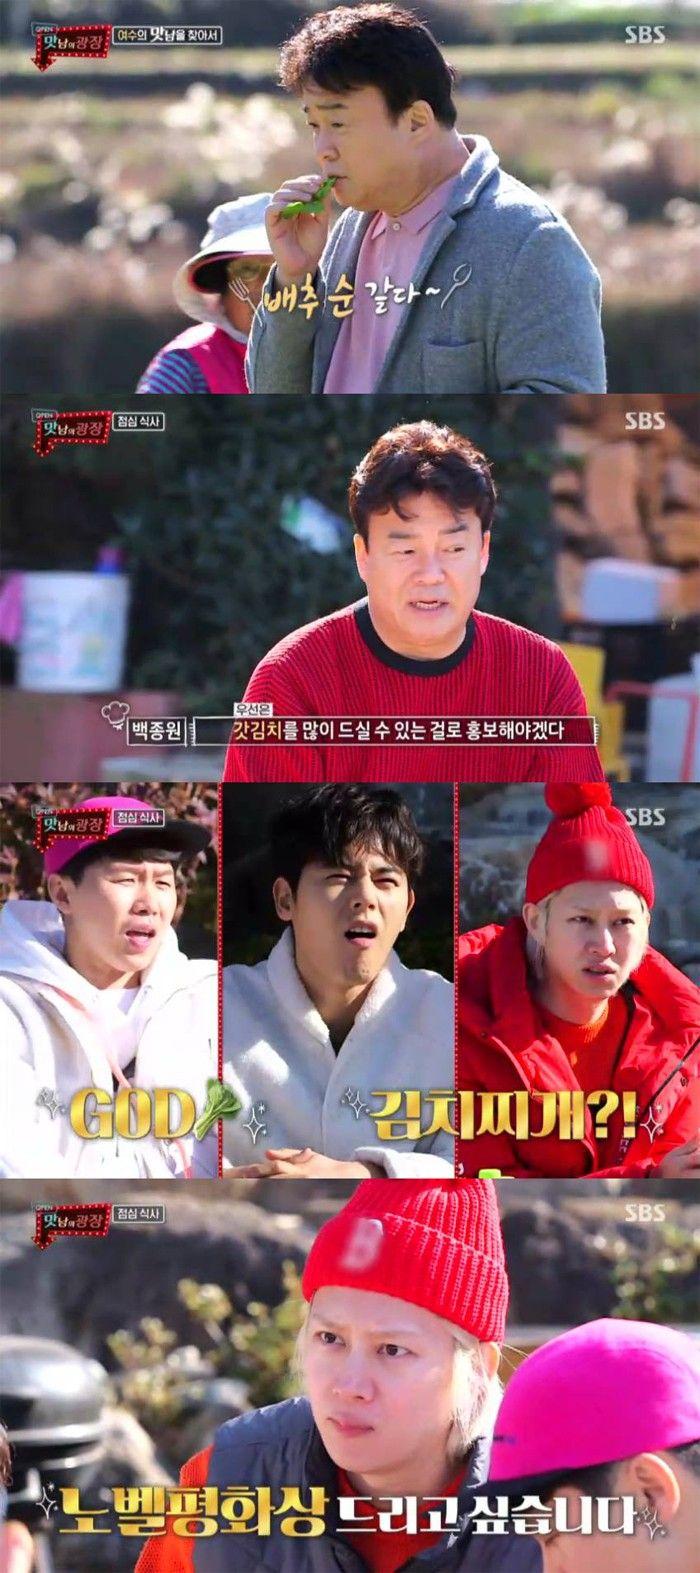 '맛남의광장' 갓돈찌개X멸치비빔국수, 여수 공항 장사 '대성공'